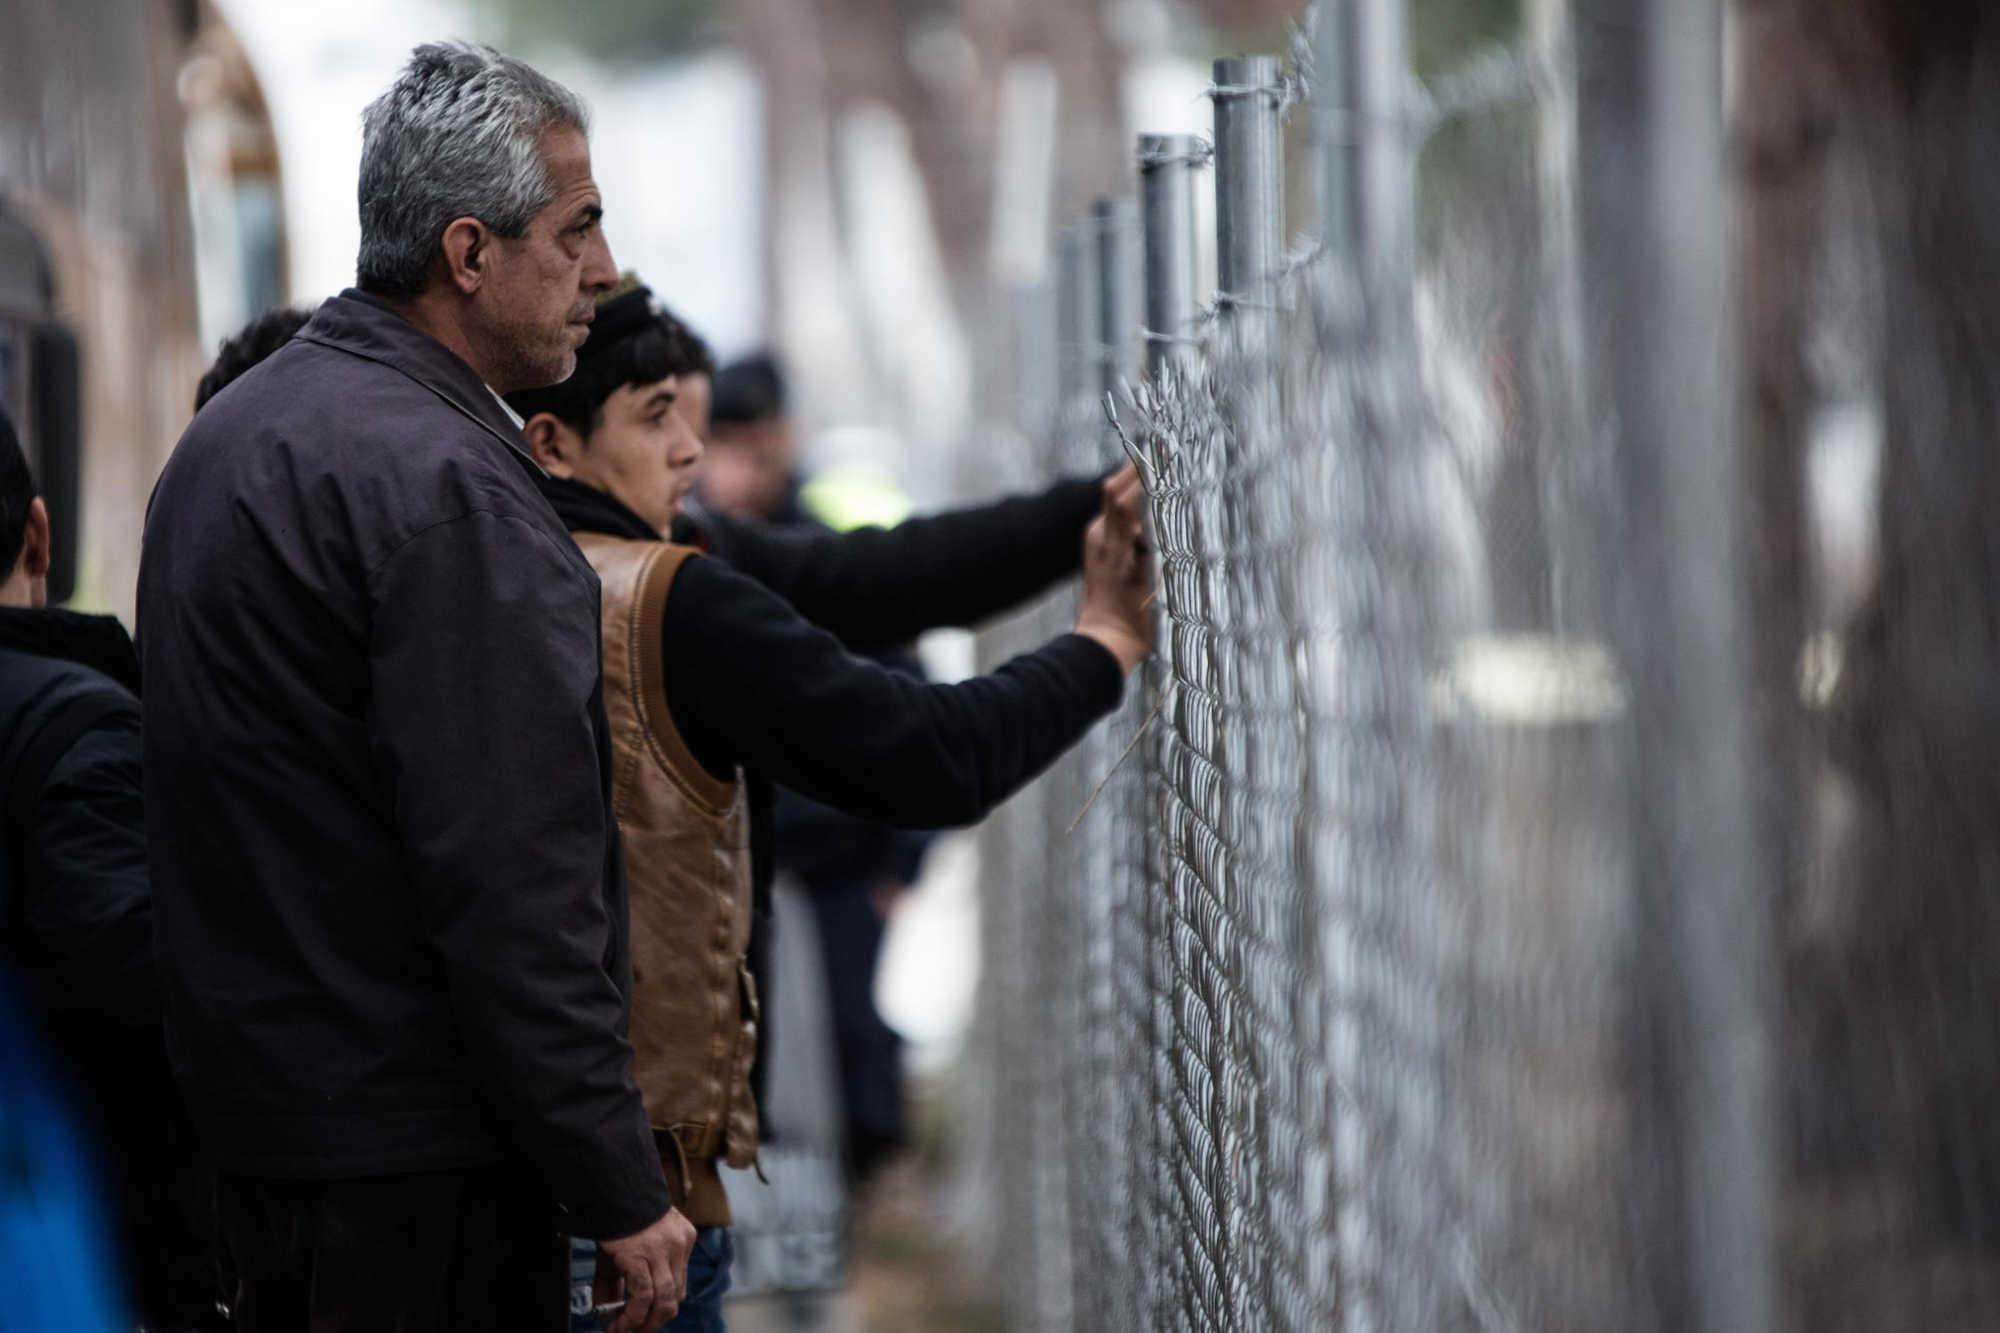 Μεταναστευτικό: Ποιοι μετανάστες δεν θα μπορούν πλέον να αιτηθούν άσυλο στην Ελλάδα